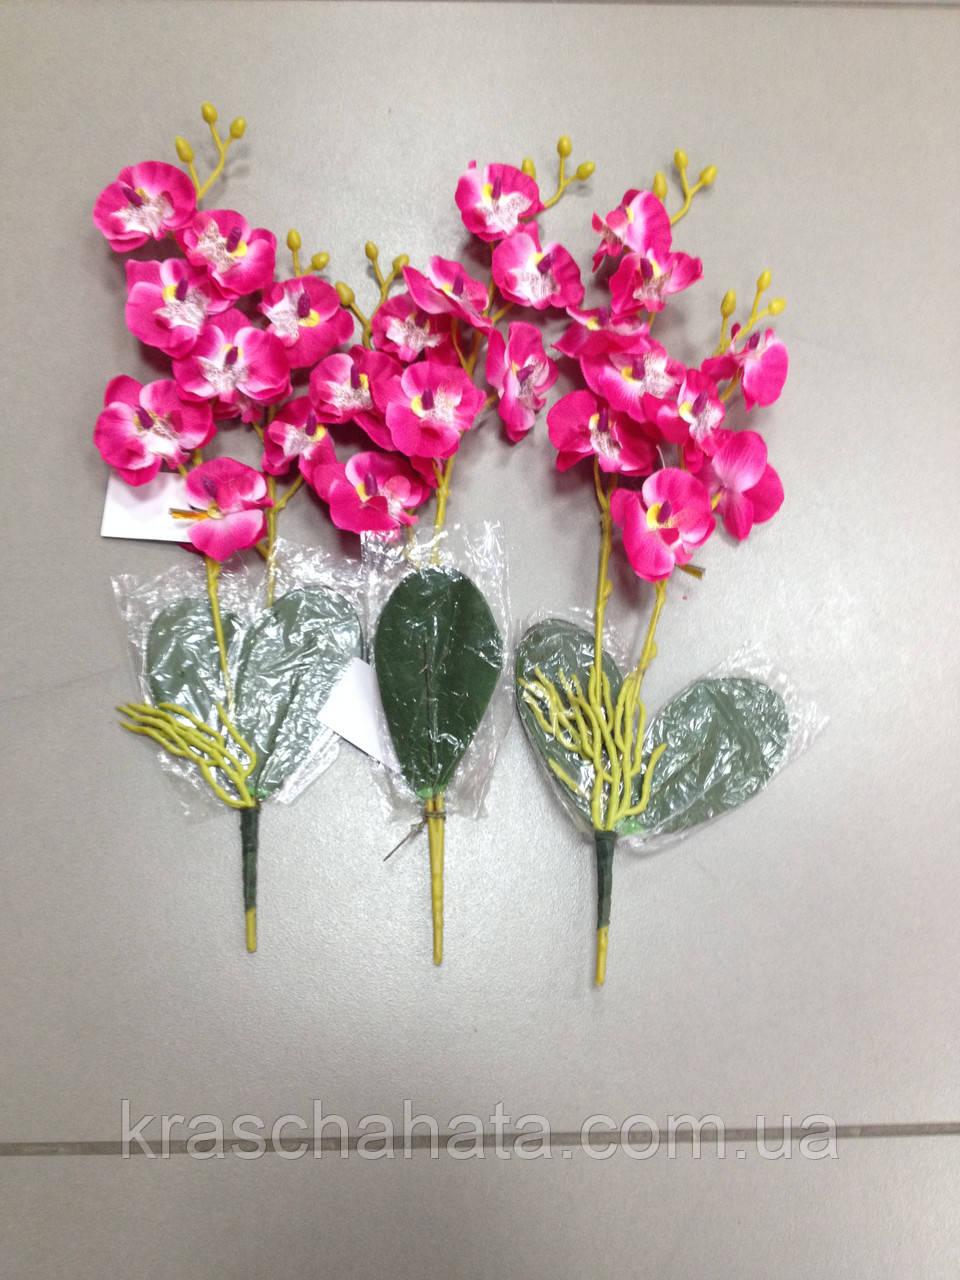 Цветы искусственные днепропетровск